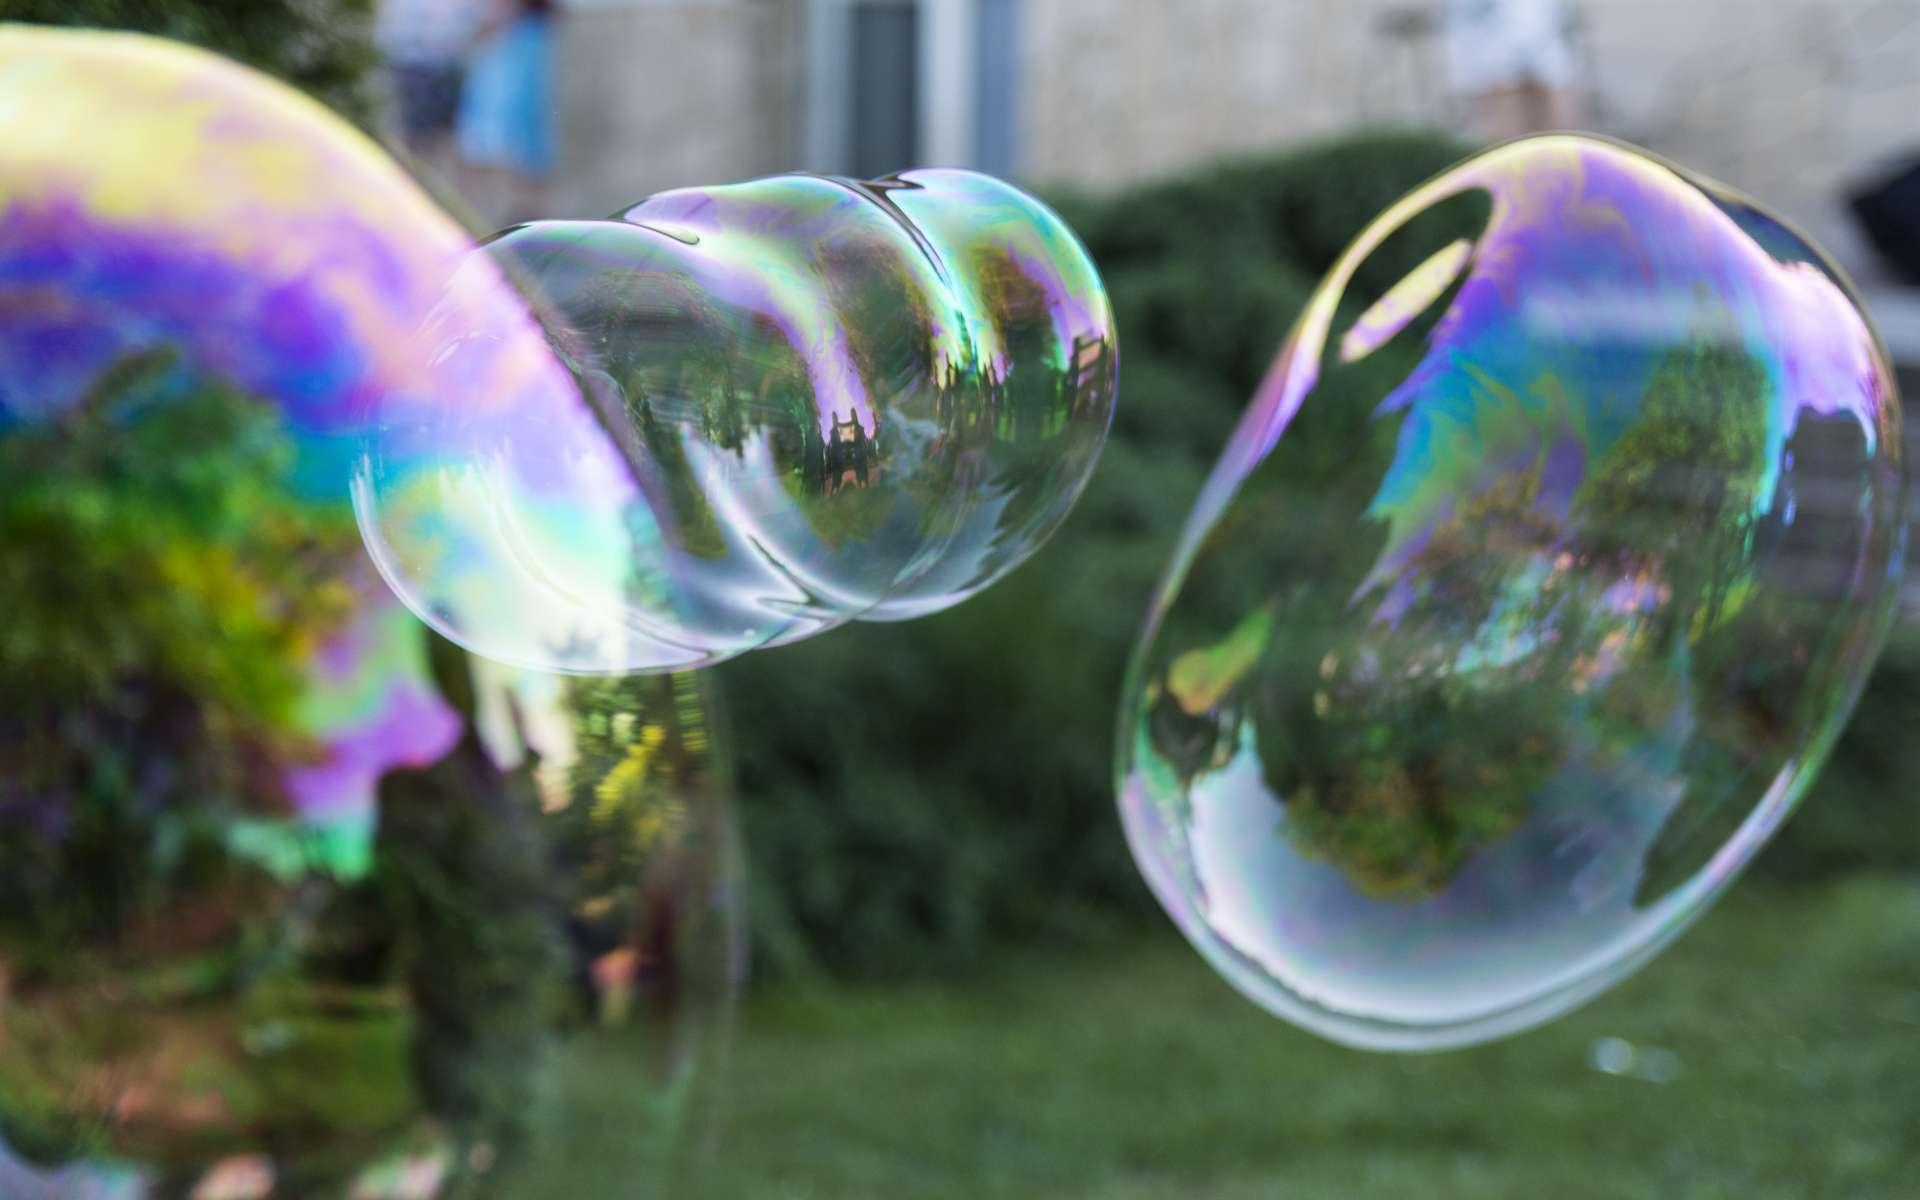 Voici la recette parfaite pour créer des bulles géantes ! © Marta, Adobe Stock